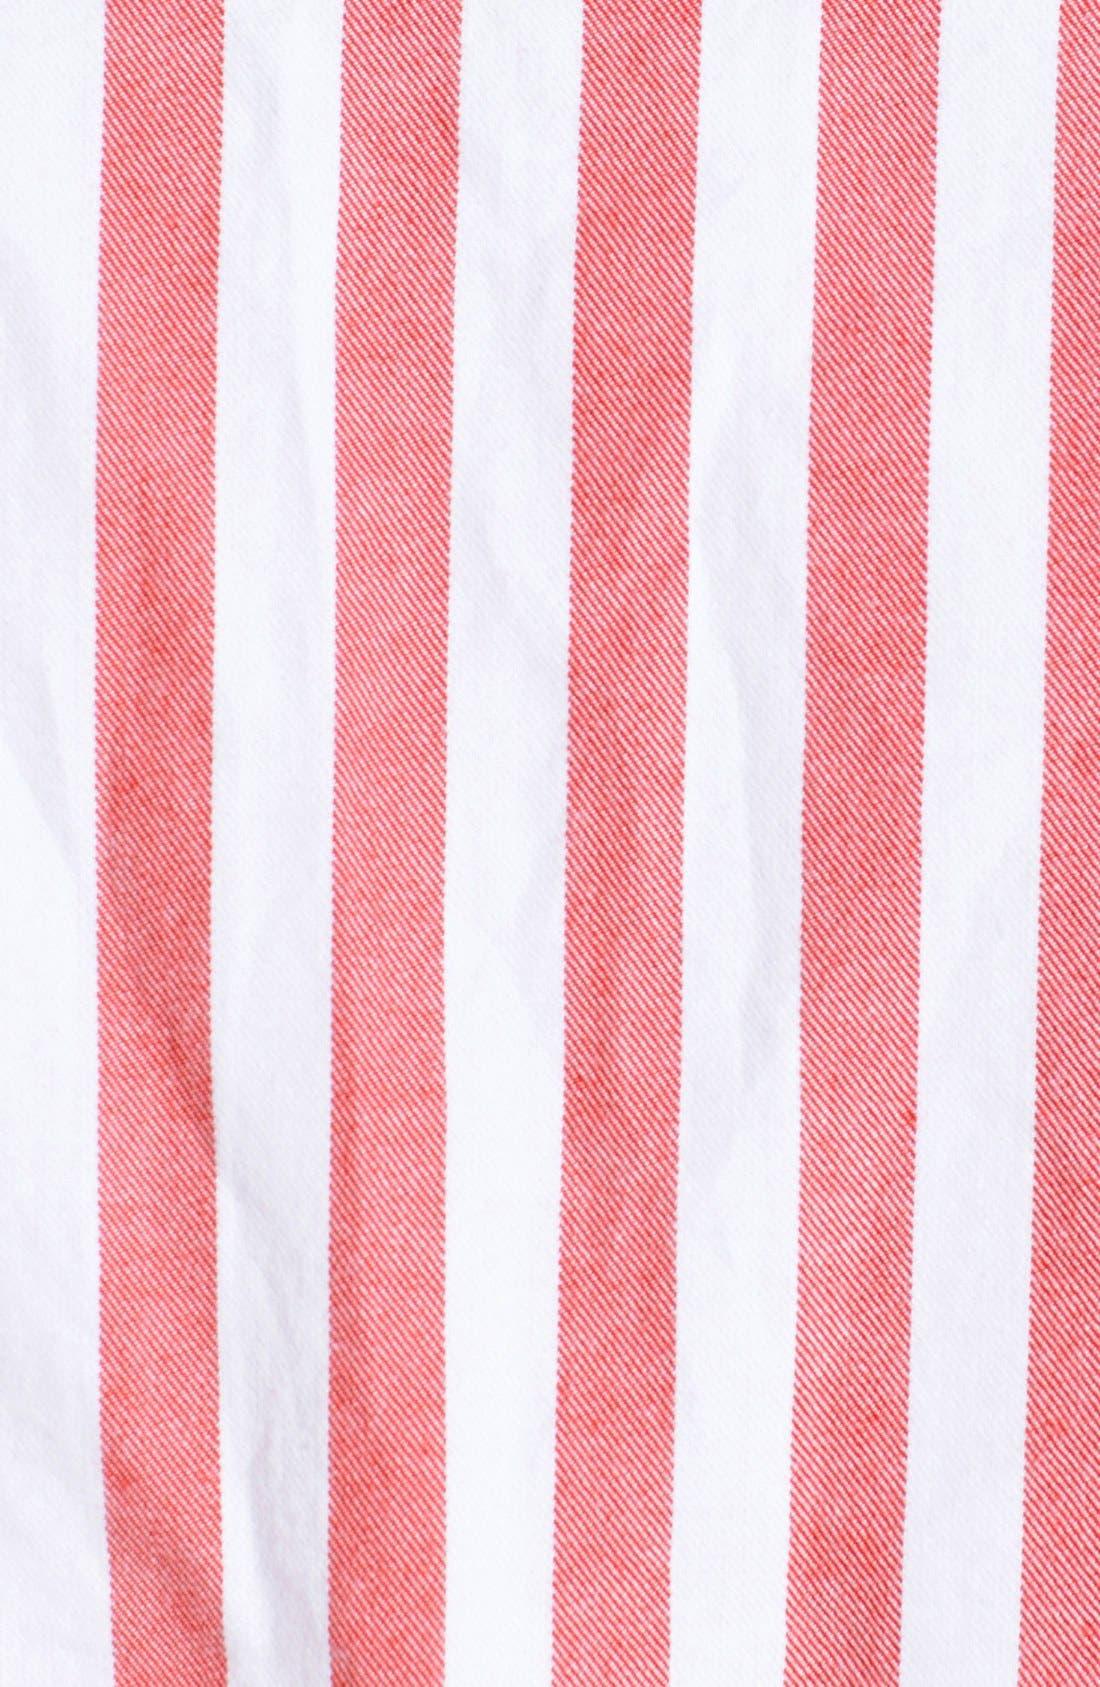 Alternate Image 3  - Topman Mixed Stripe Panel Shirt